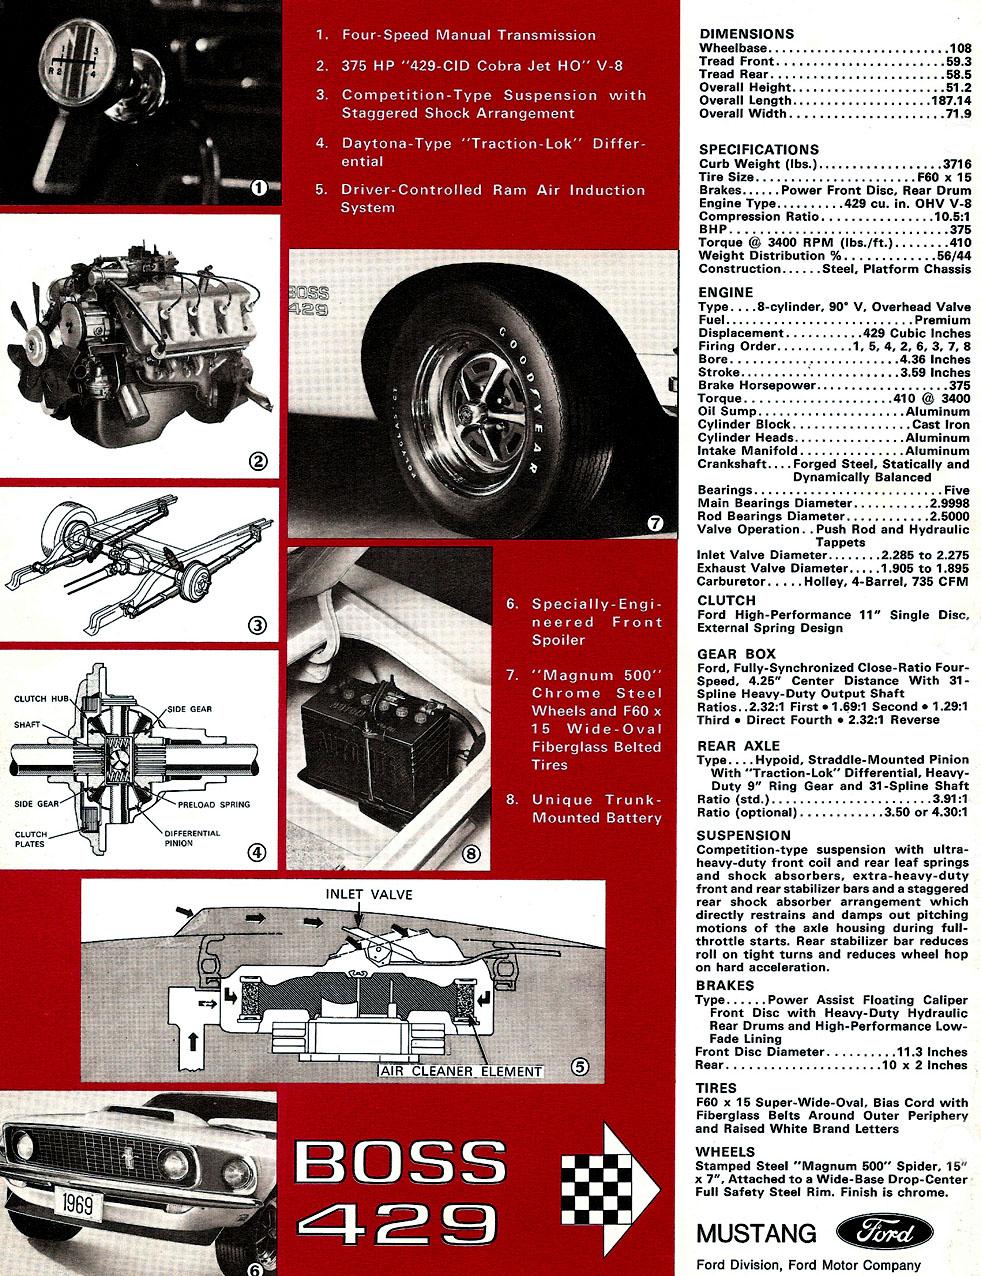 1969 Mustang Boss 429 specs